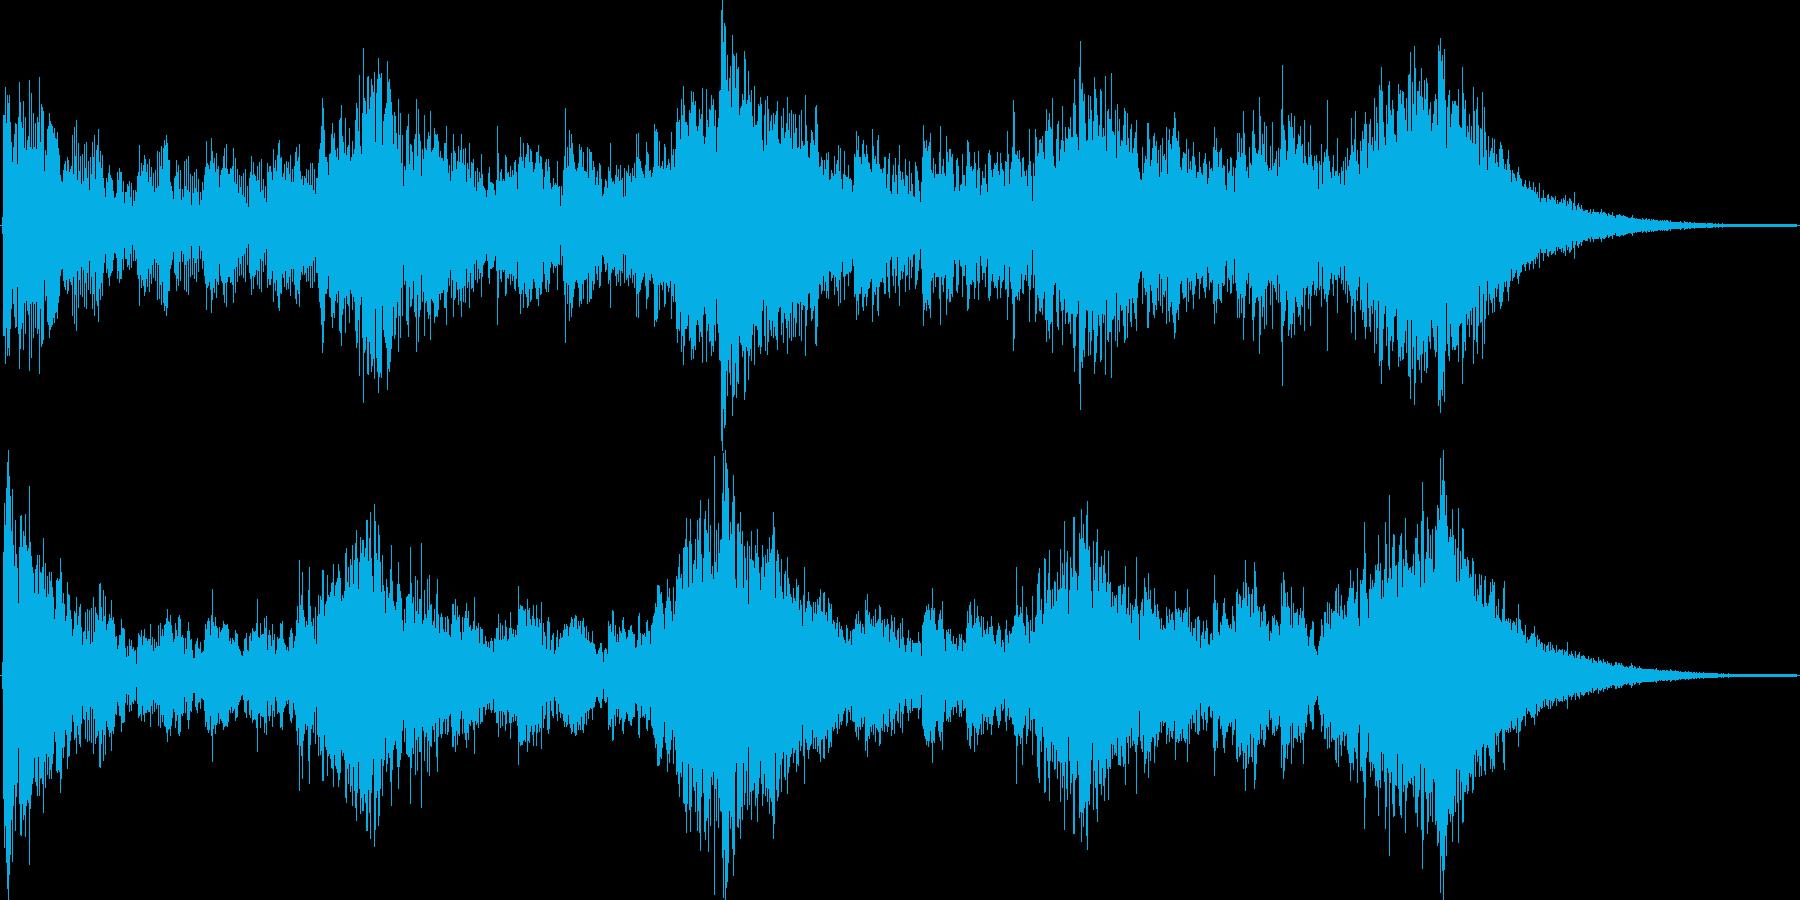 ニュースのオープニングのような曲の再生済みの波形